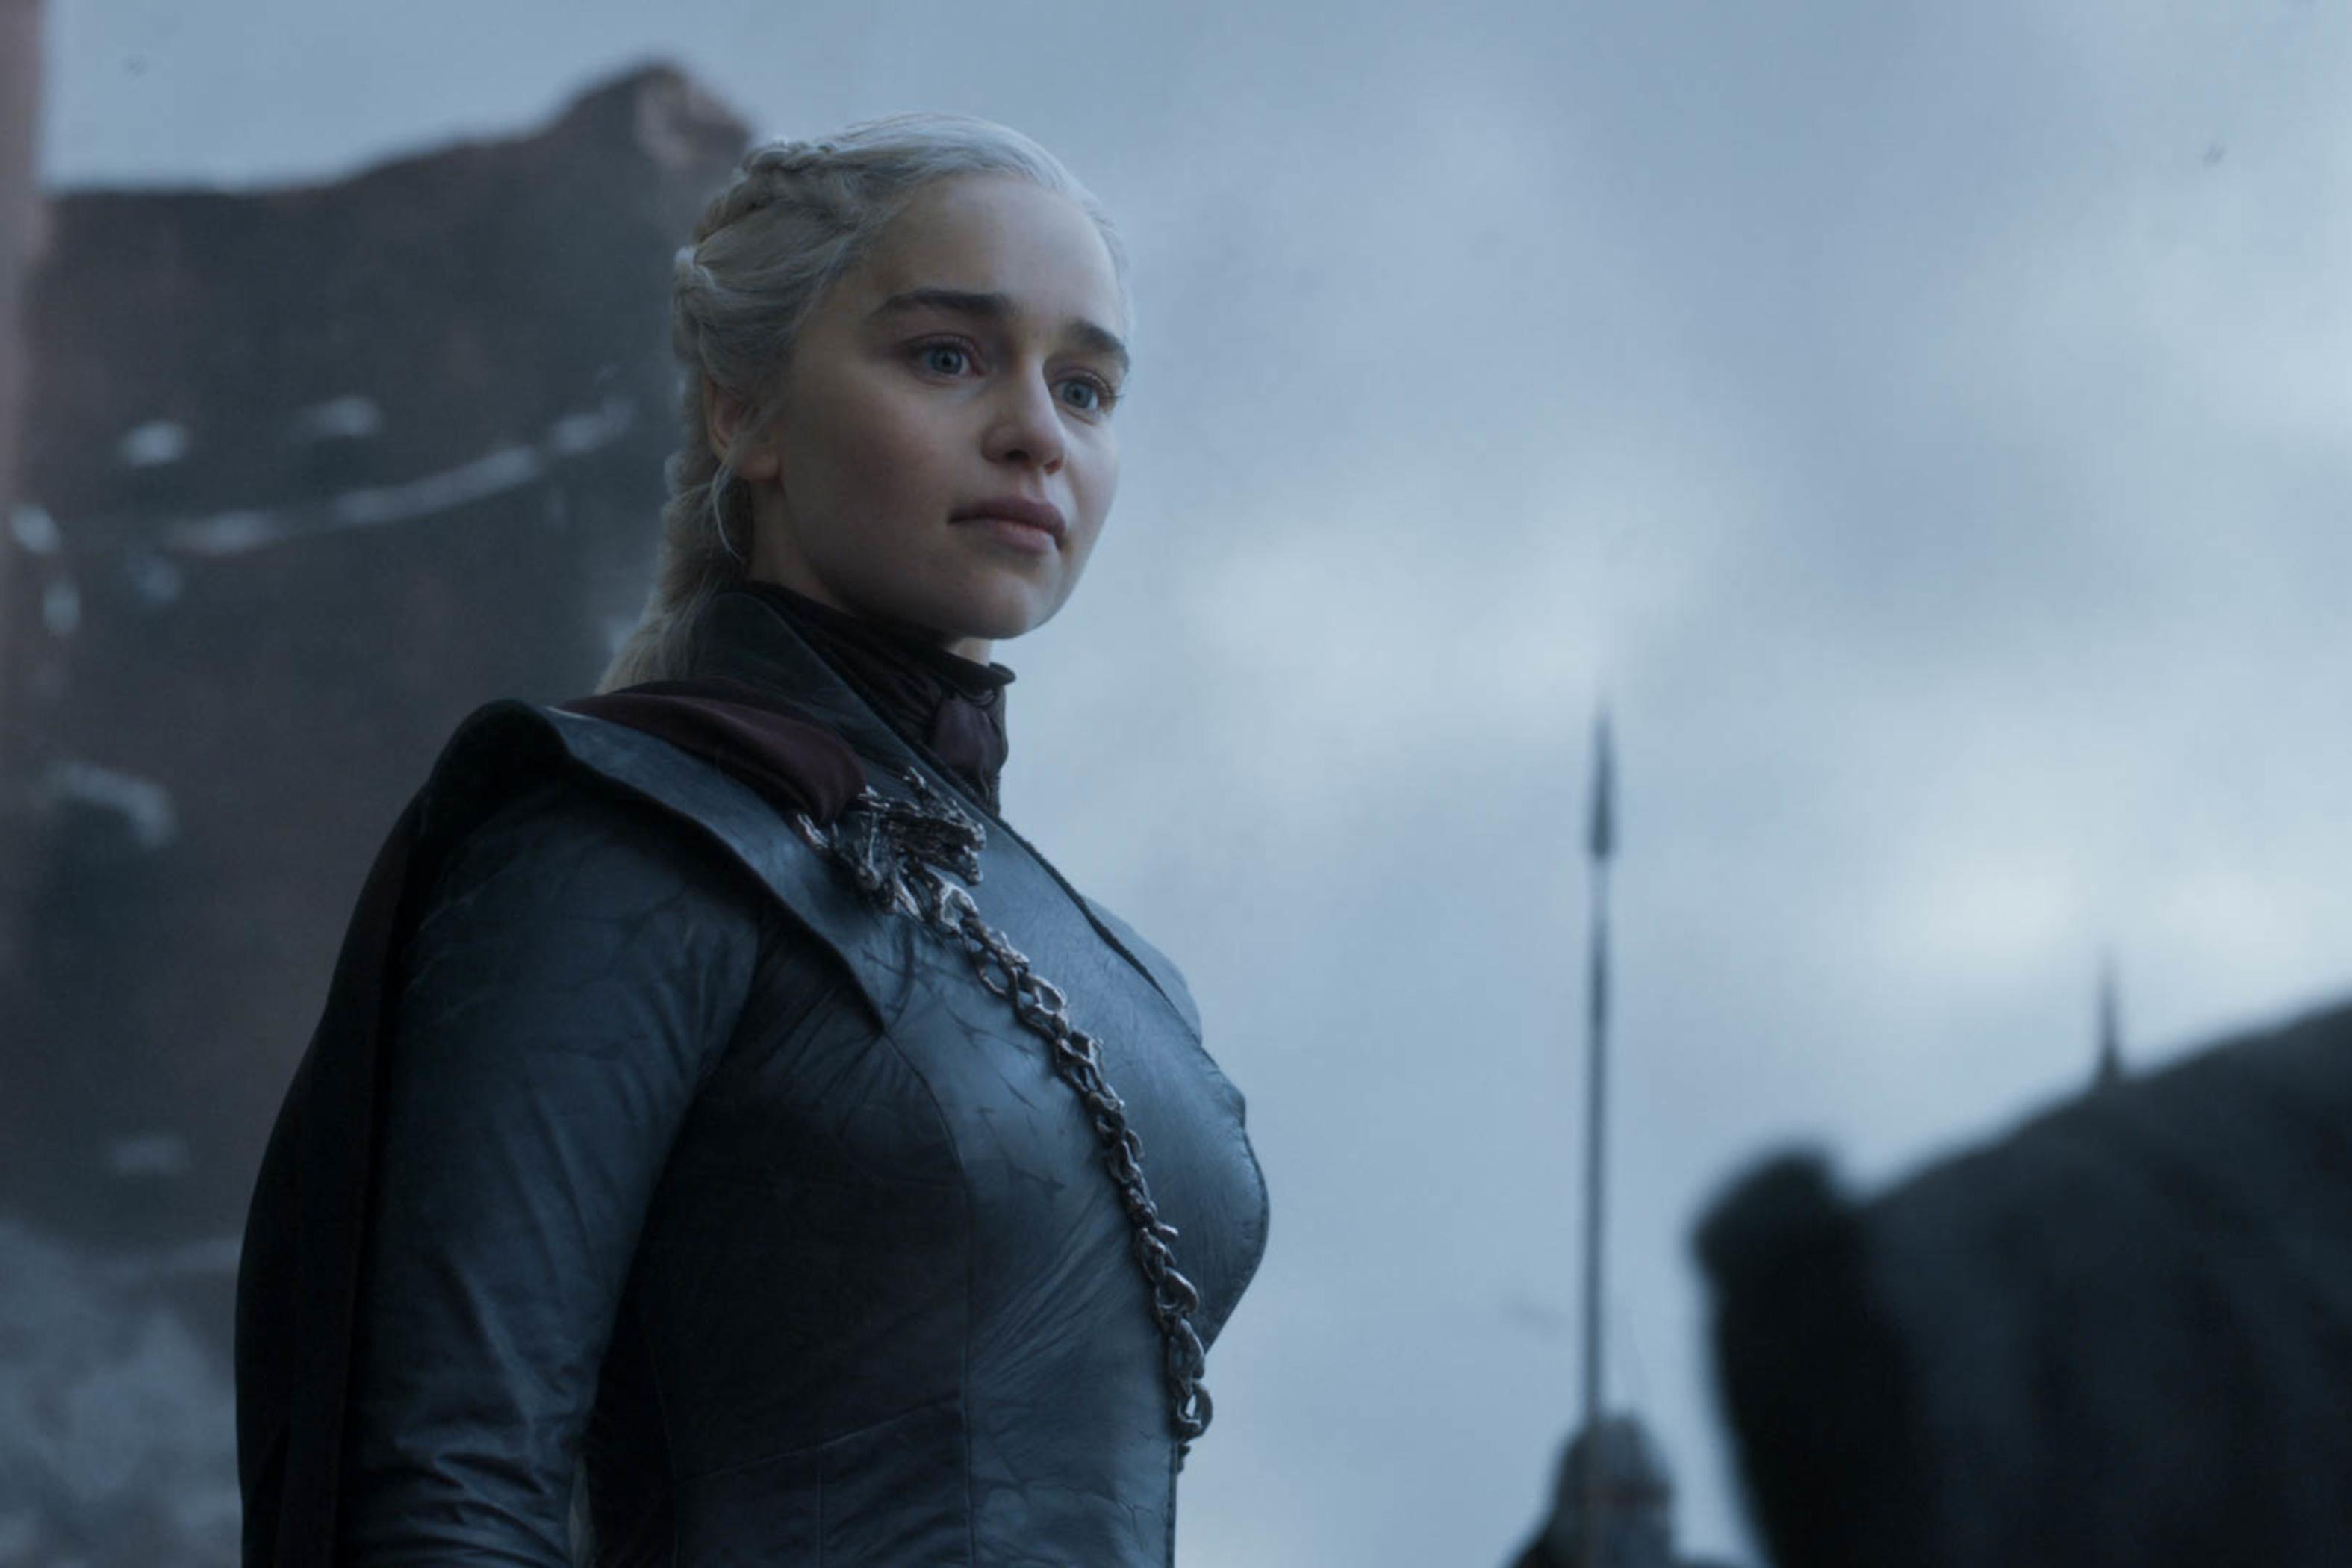 Fim de Game of Thrones diminuiu drasticamente visualizações da HBO